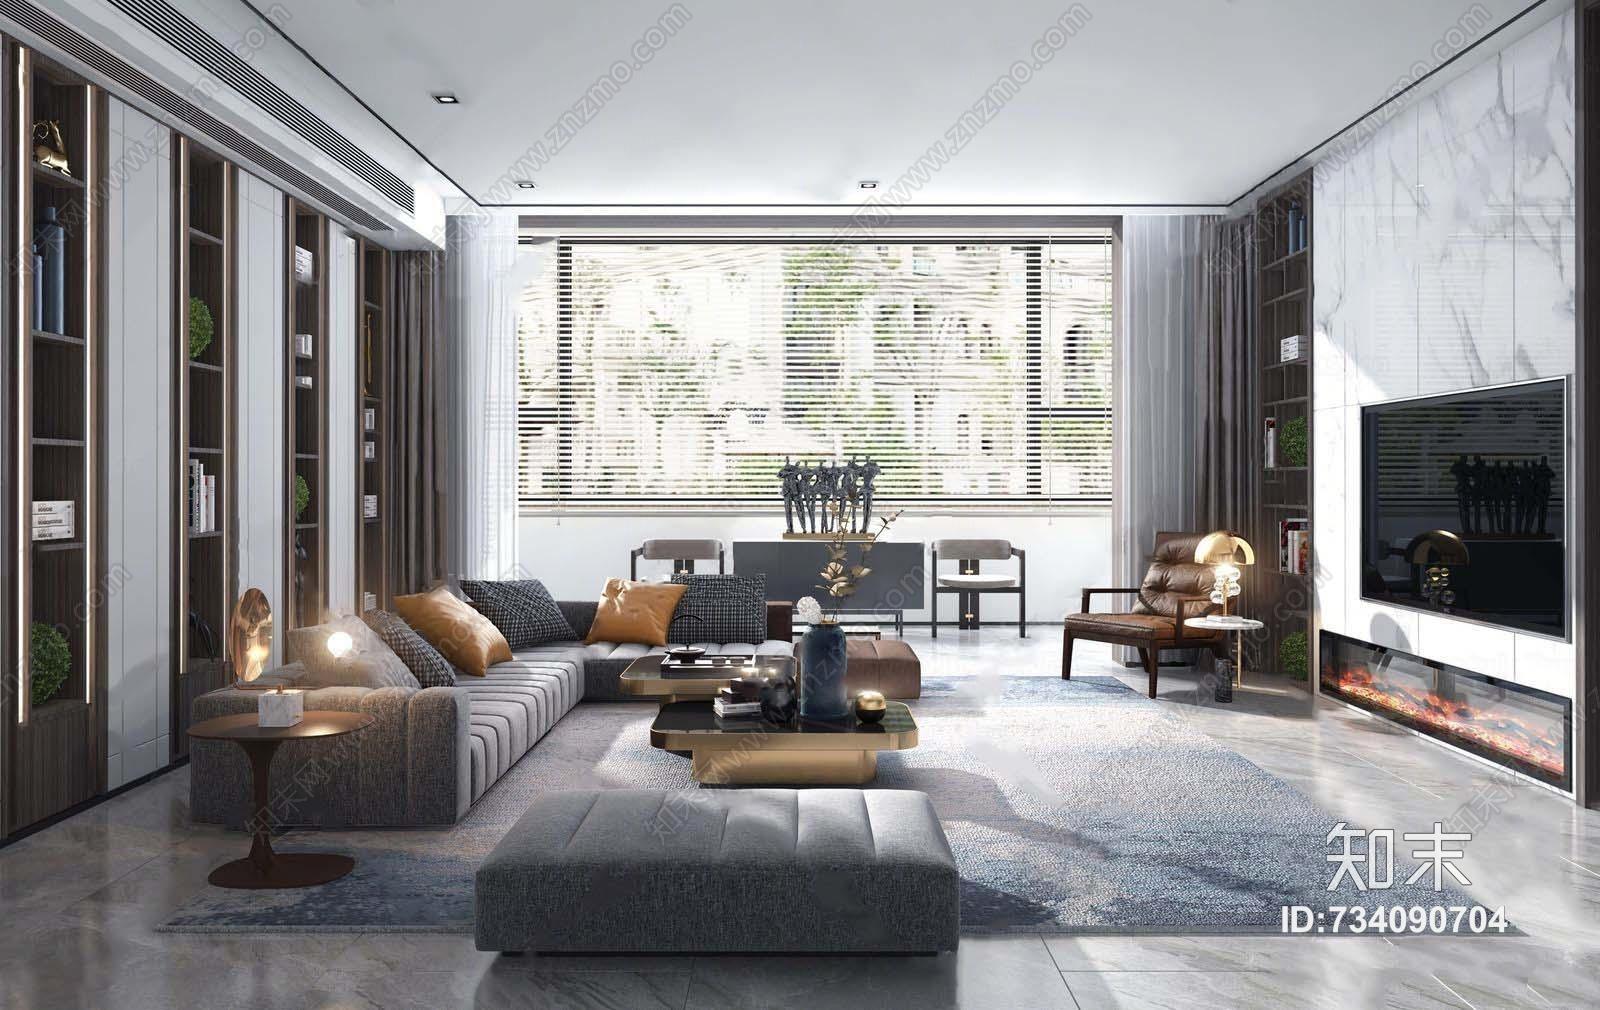 现代客厅沙发 转角沙发 茶几 方塌 饰品摆件